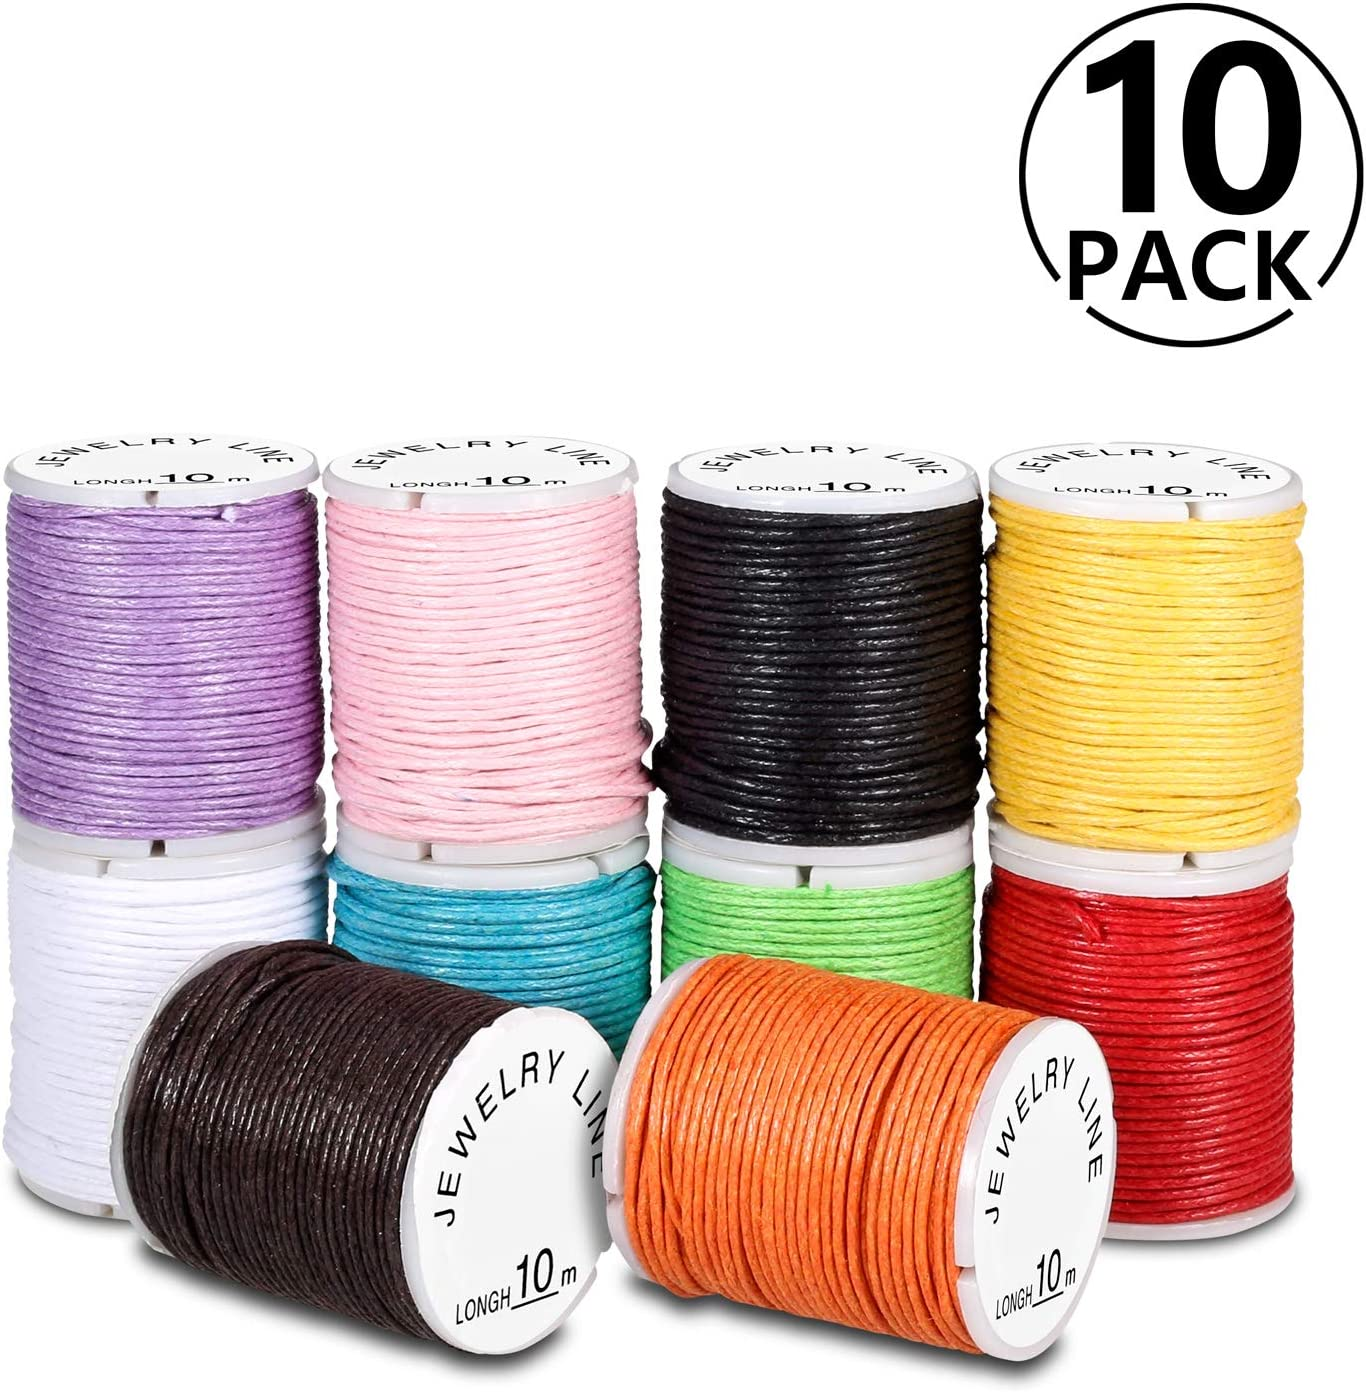 PAMIYO Cordón de Algodón 10 Rollos Hilo Cuerda Encerado Joyería Cordón Cable para DIY Collar Pulsera Abalorios 10m